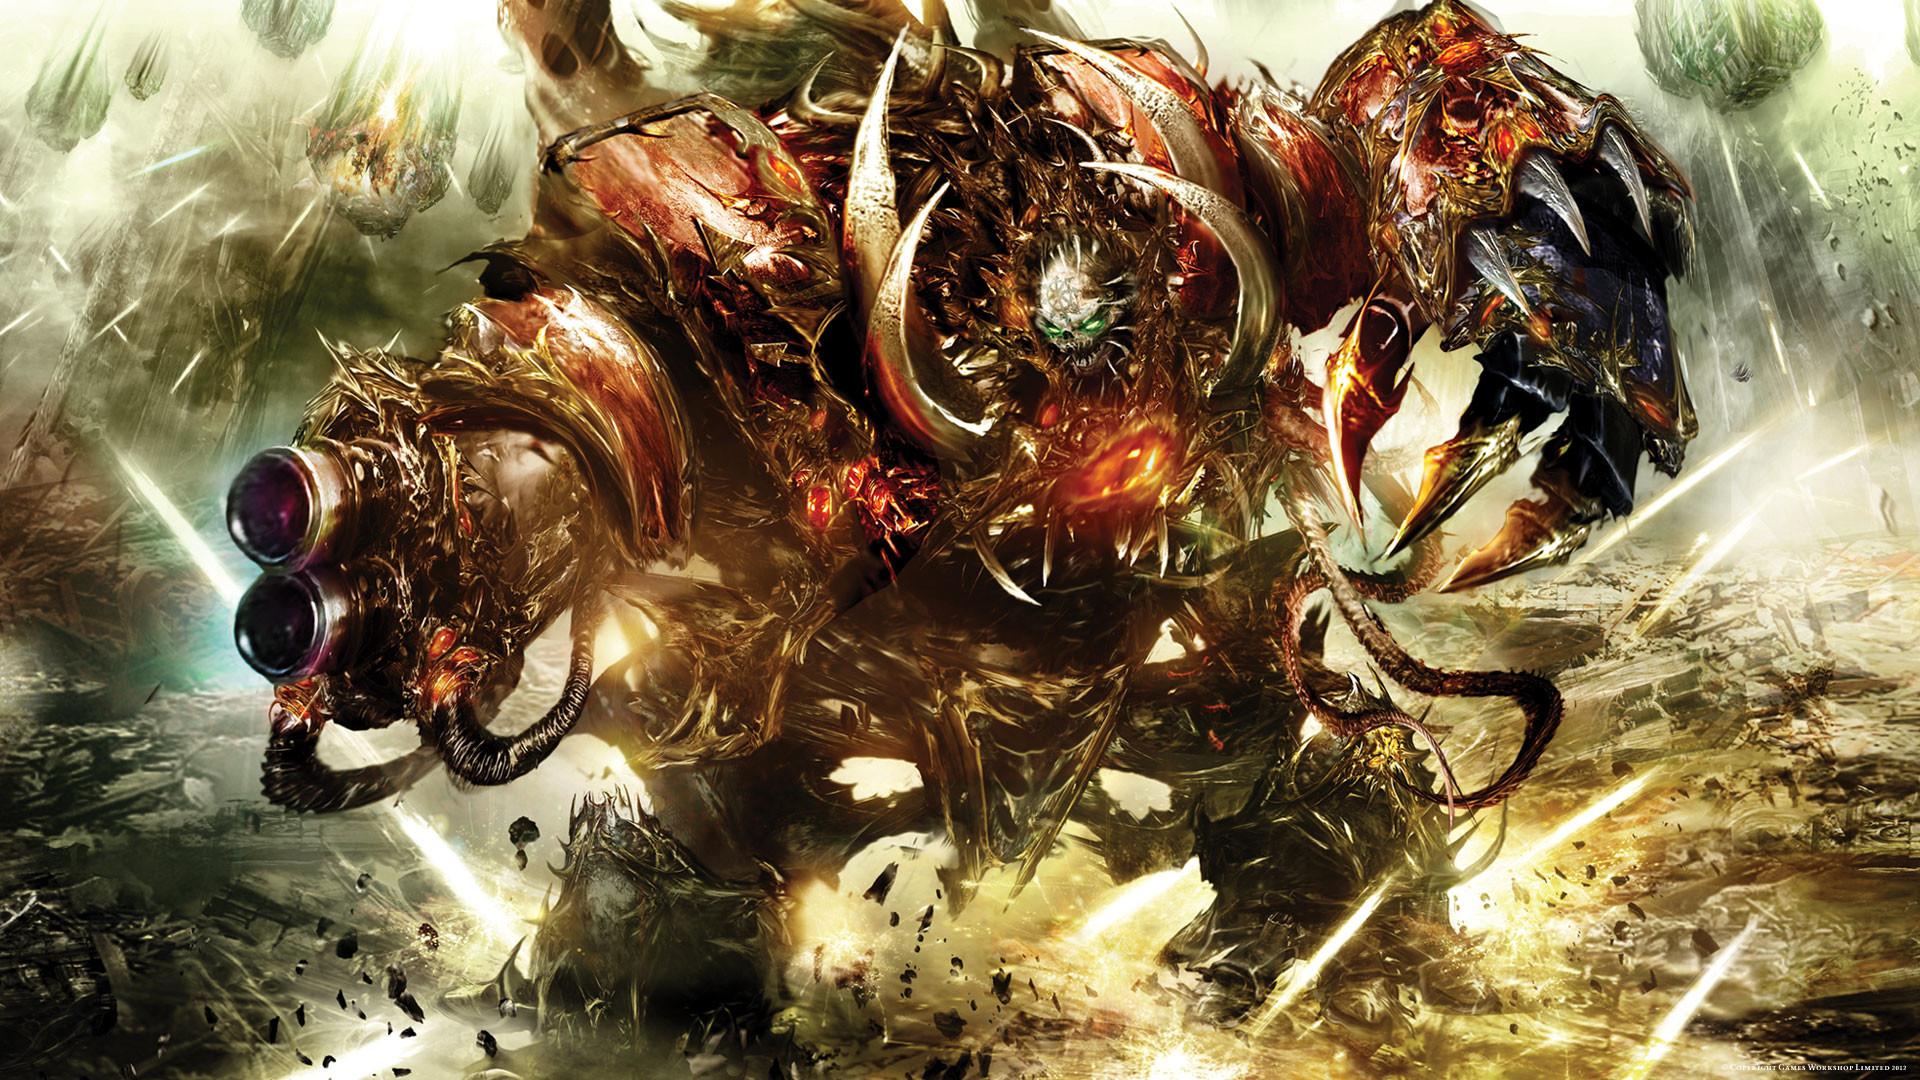 Computerspiele – Warhammer 40K Wallpaper